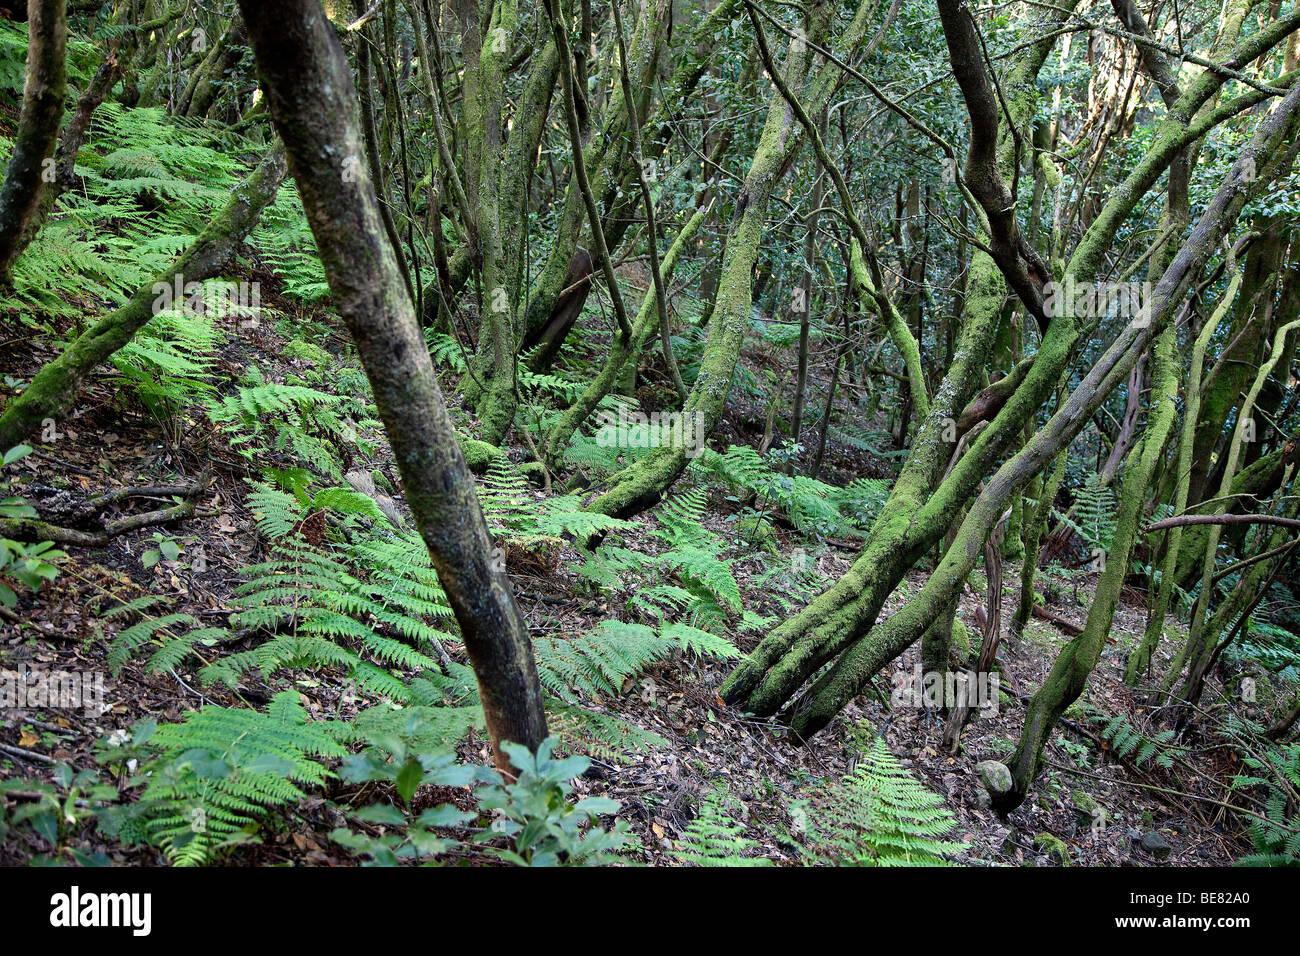 Dichten Lorbeerwald im Nationalpark Garajonay, La Gomera, Kanarische Inseln, Spanien, Europa Stockbild